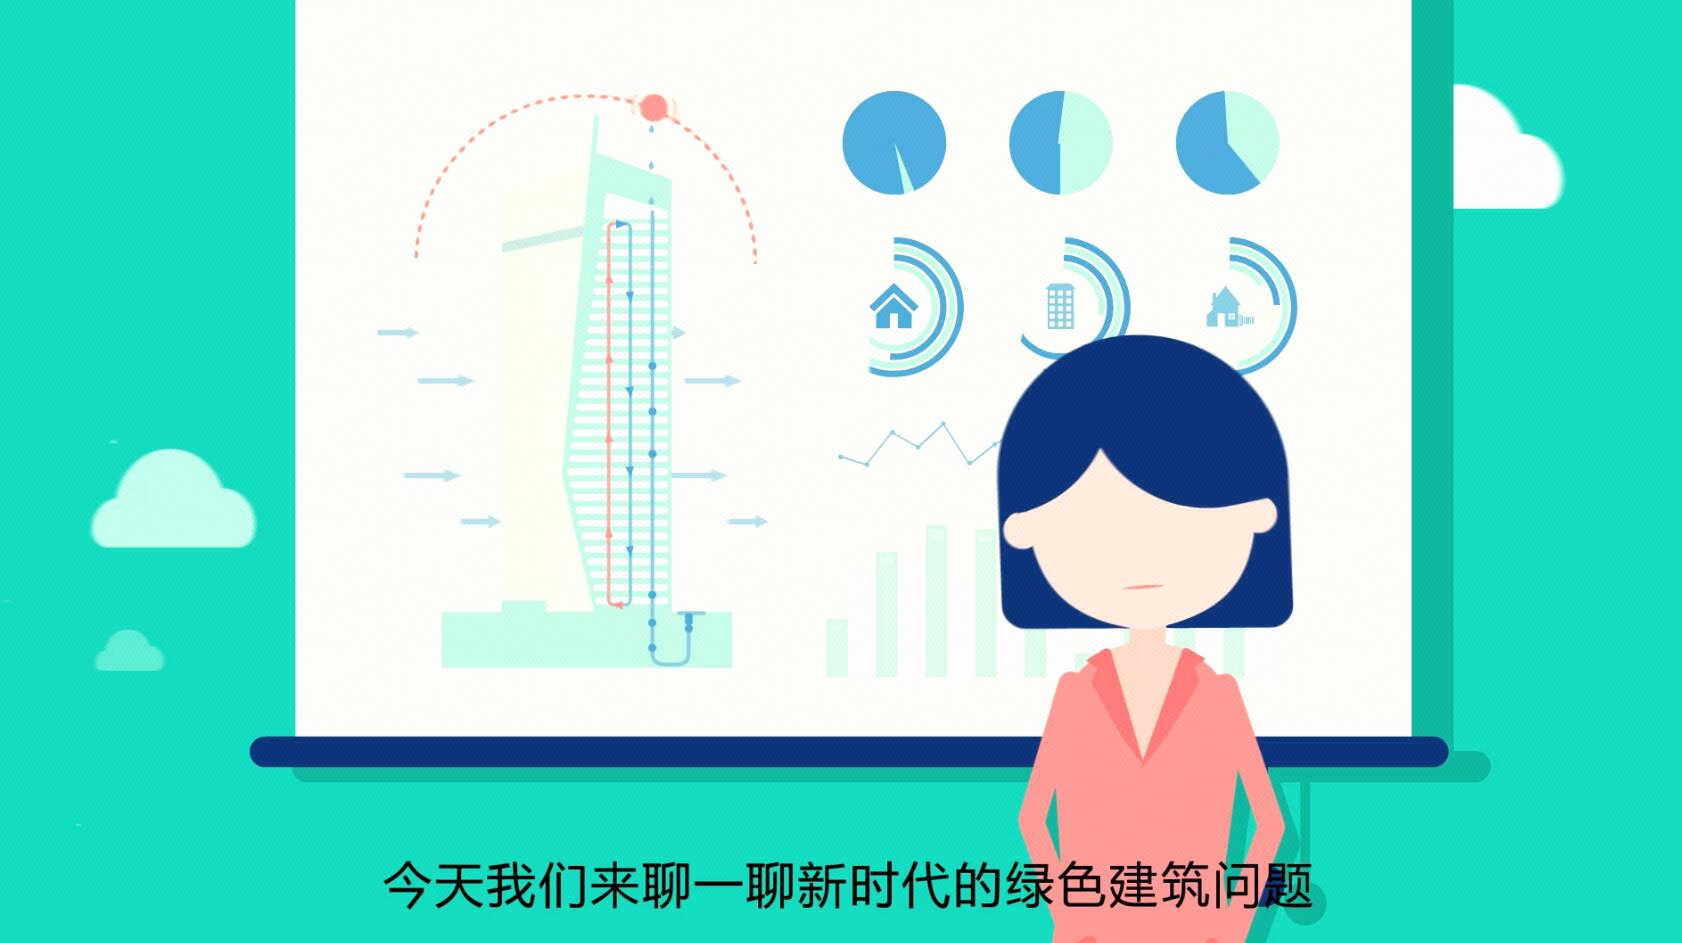 【聚划算】flash动画MG创意/企业/二维动画APP飞碟说